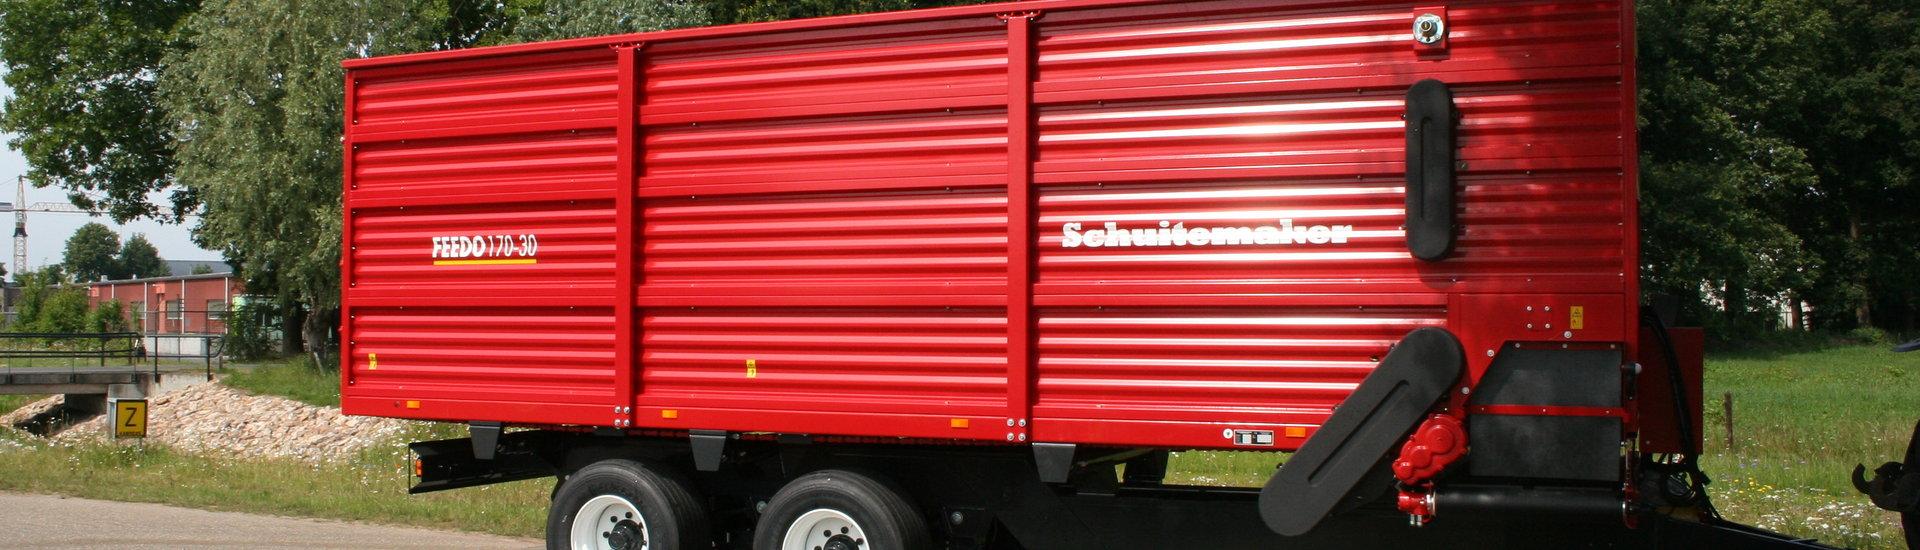 Schuitemaker Futterverteilwagen